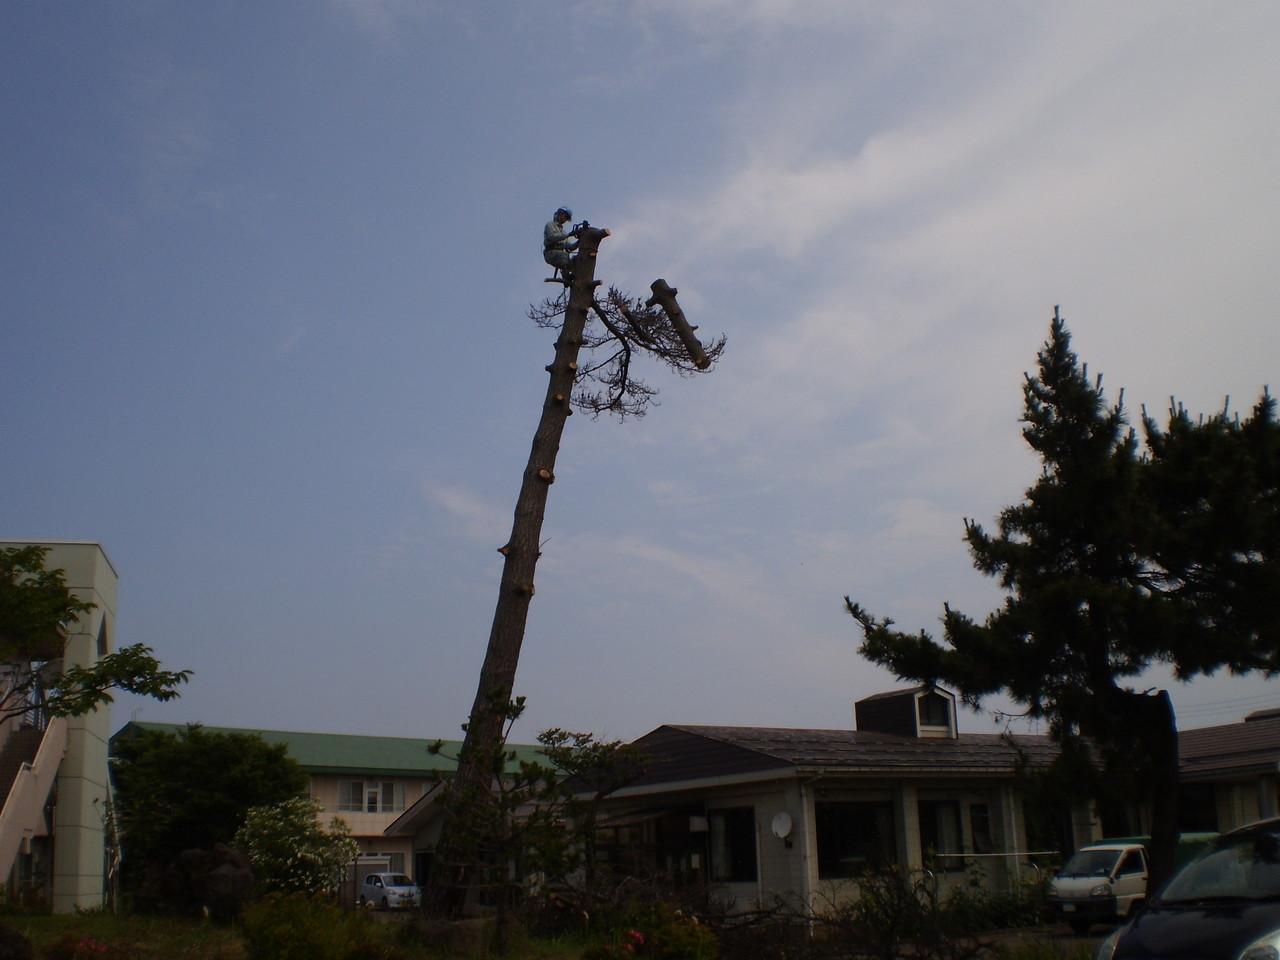 枝の伐採を終えたところで、今度は幹を切り刻みます